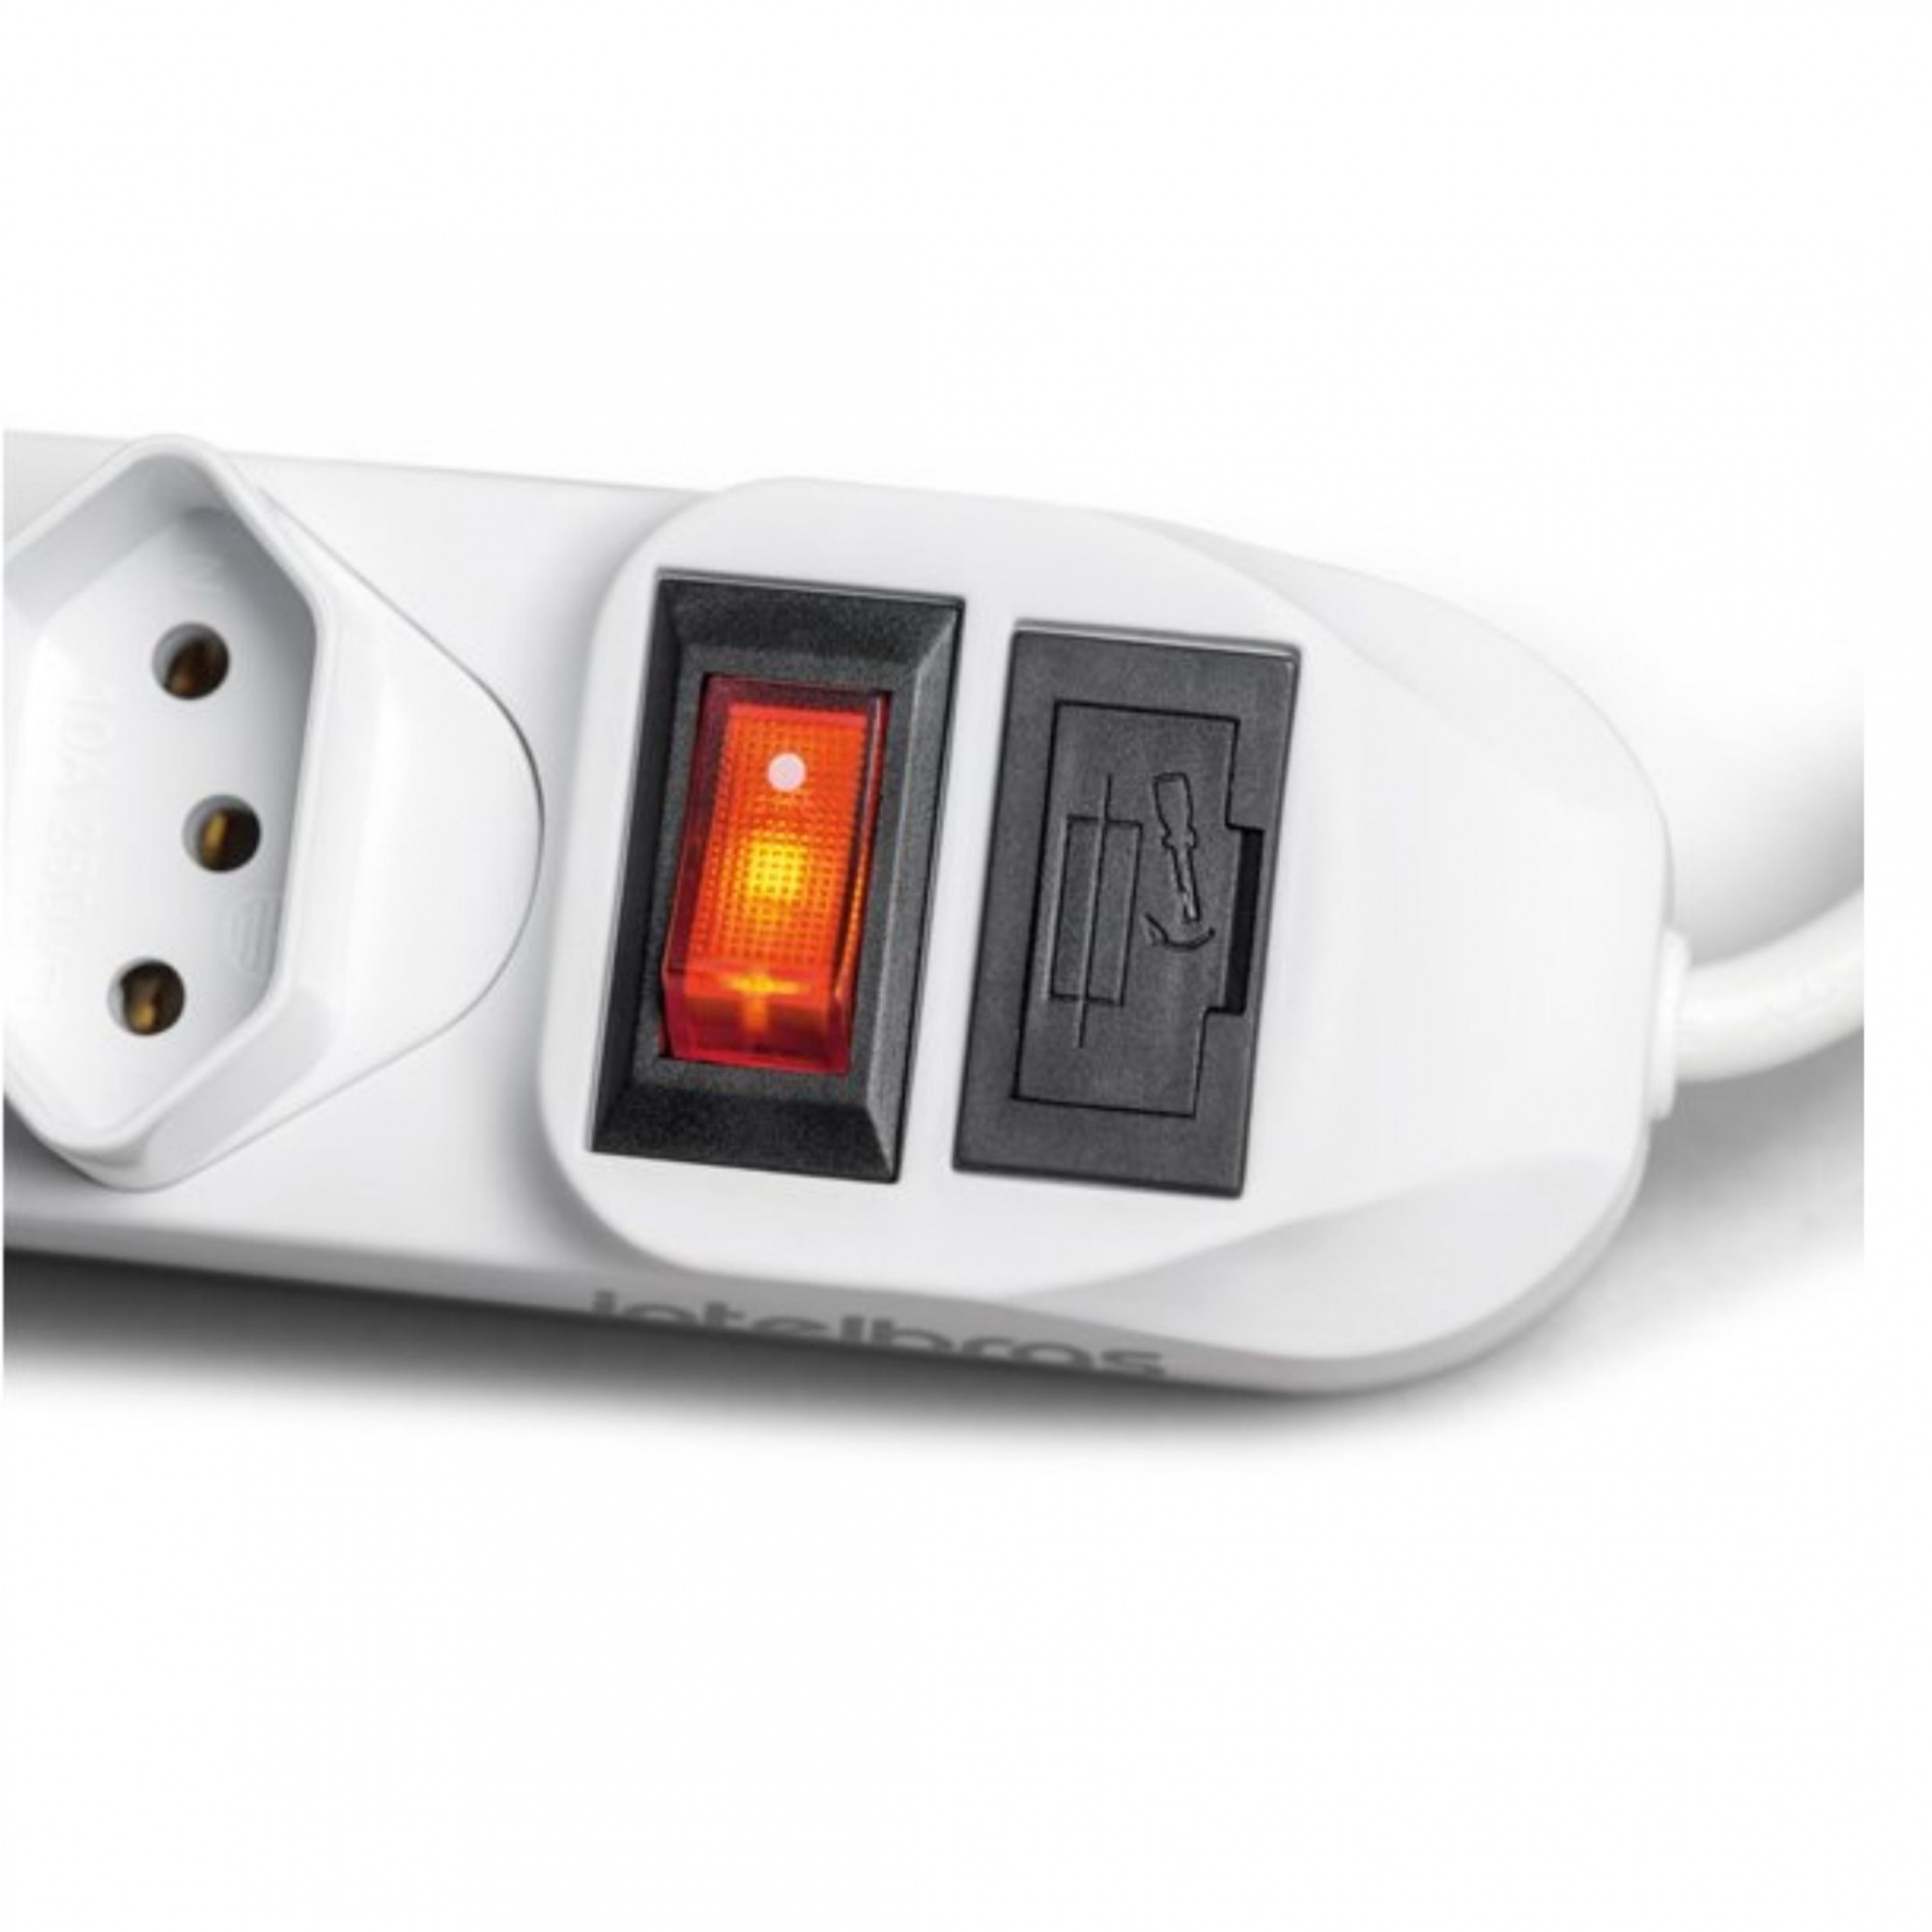 Filtro de Linha com 6 Tomadas Bivolt Branco EPE 1006 Intelbras